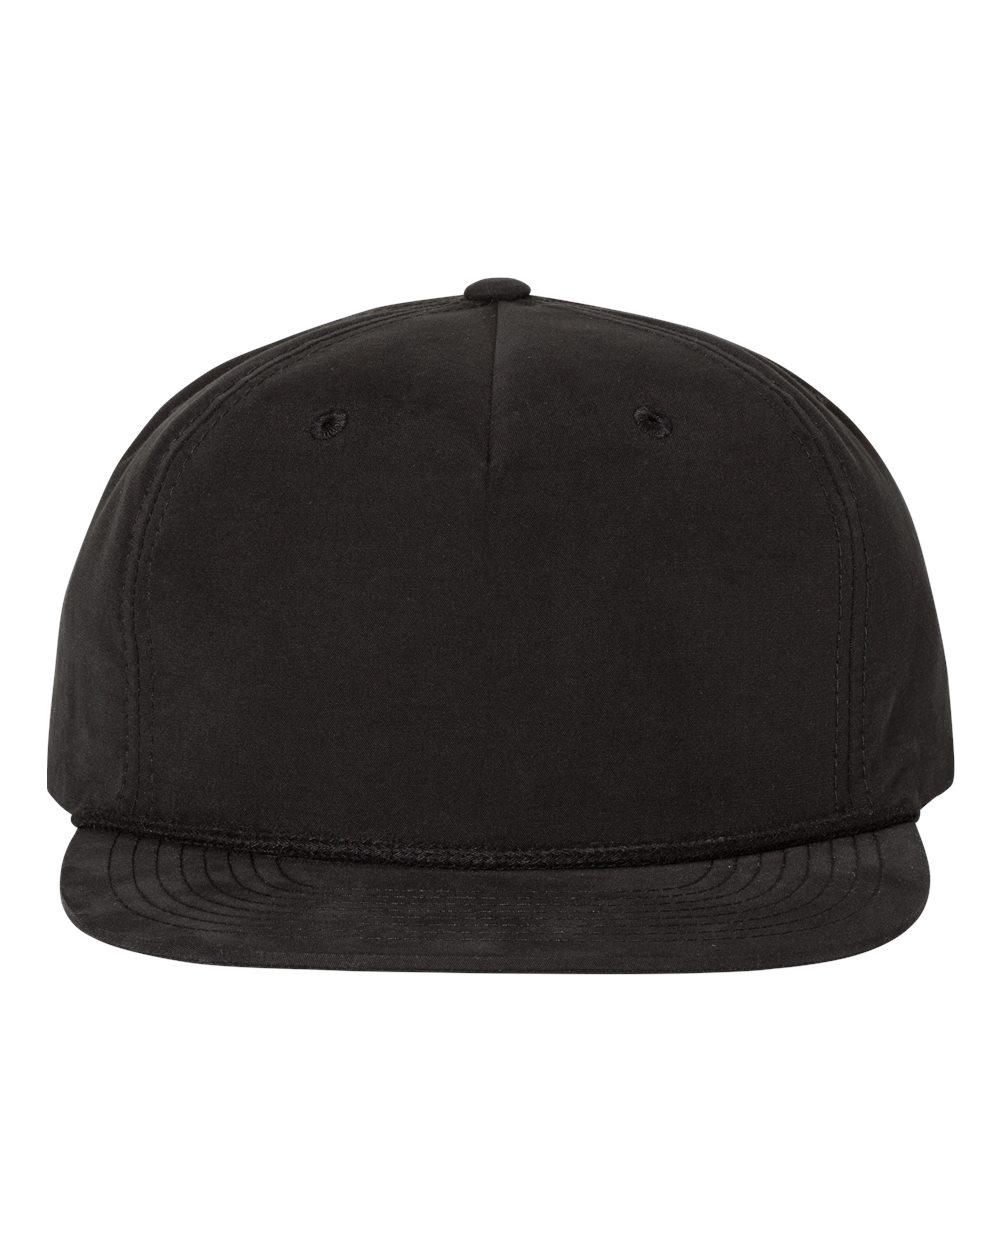 Black hat plain png